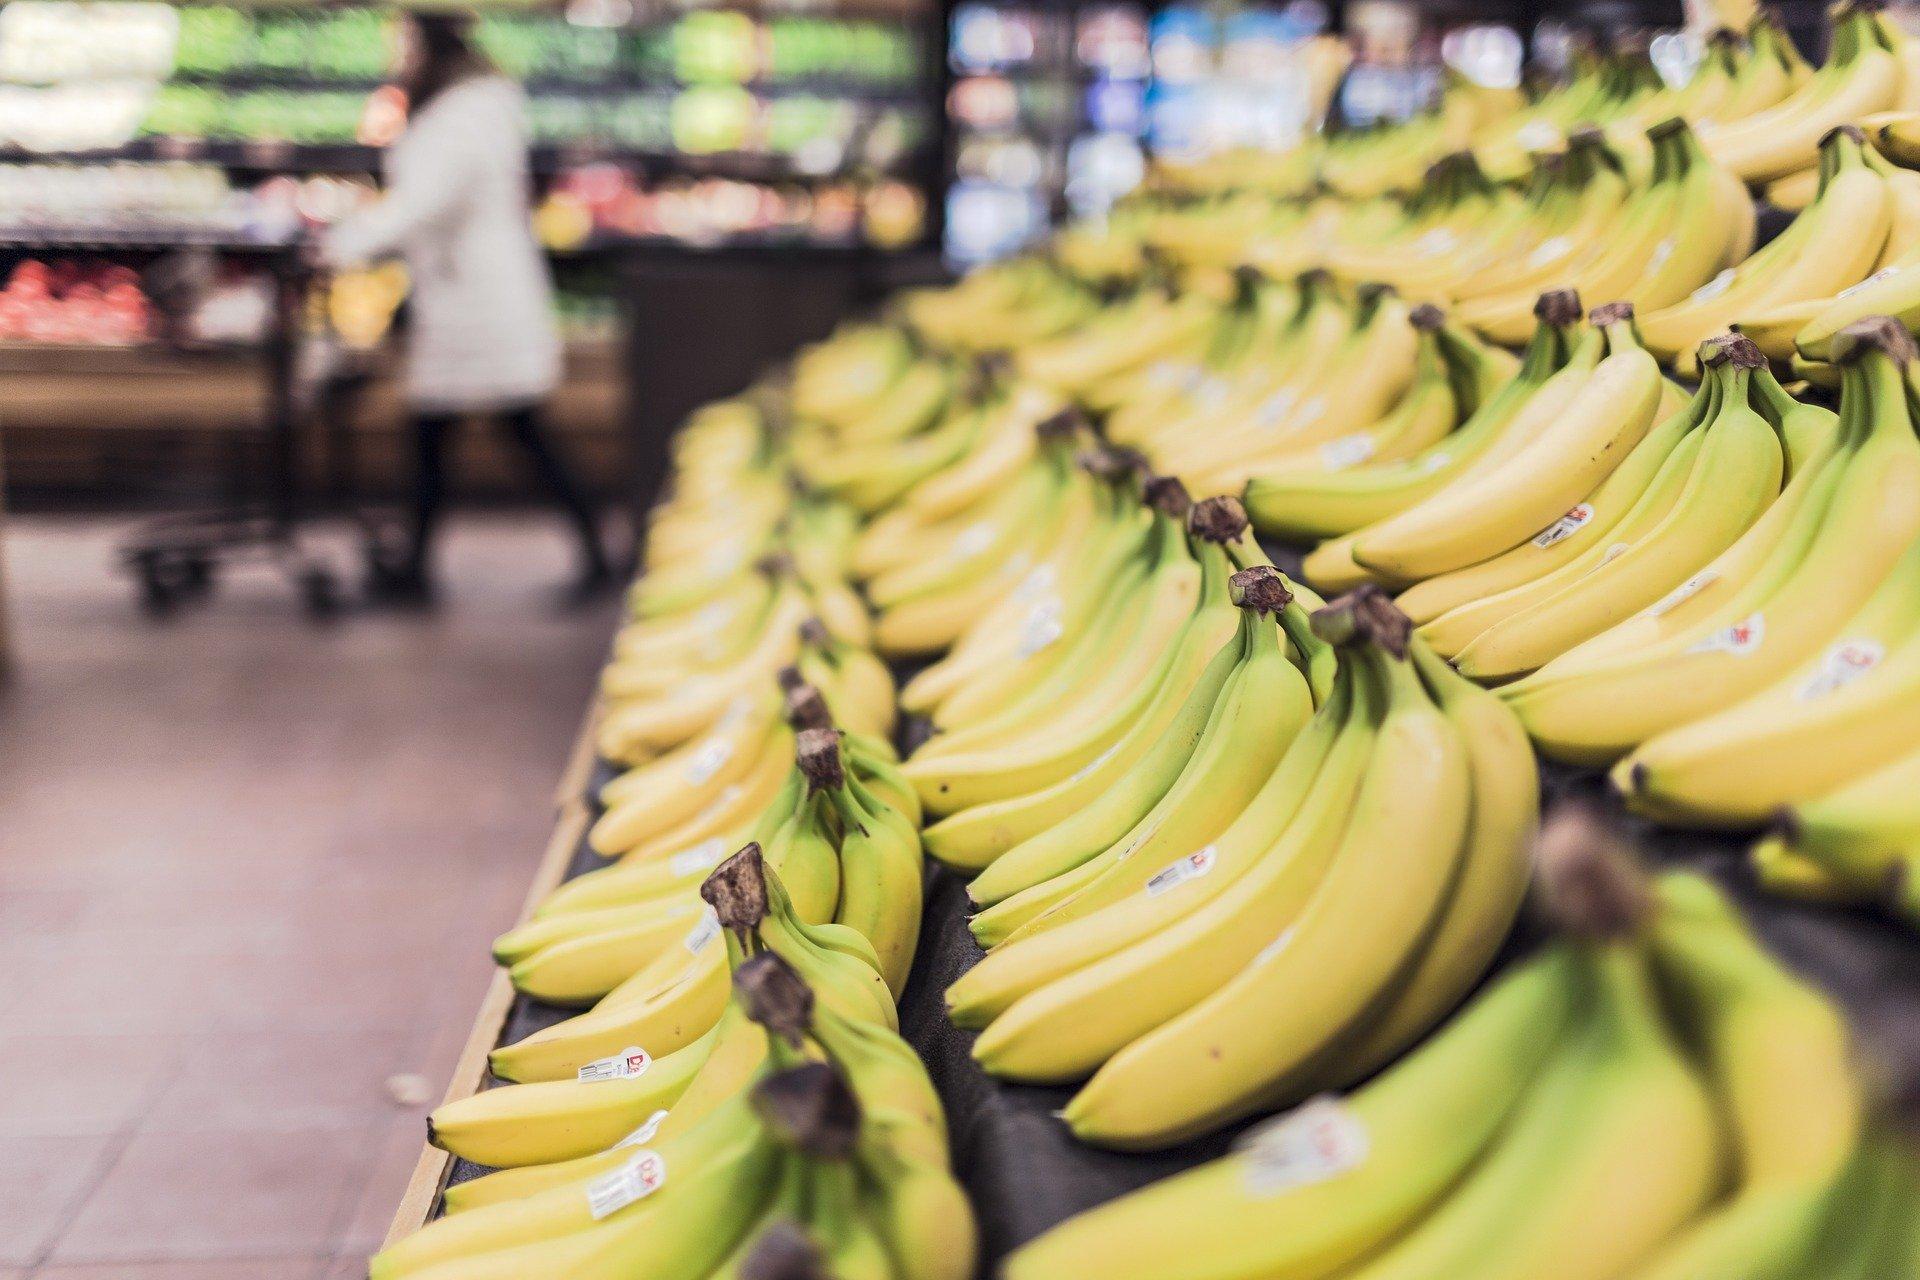 Вимога про надання зразків продукції (товару) на різних етапах закупівлі через призму практики оскарження